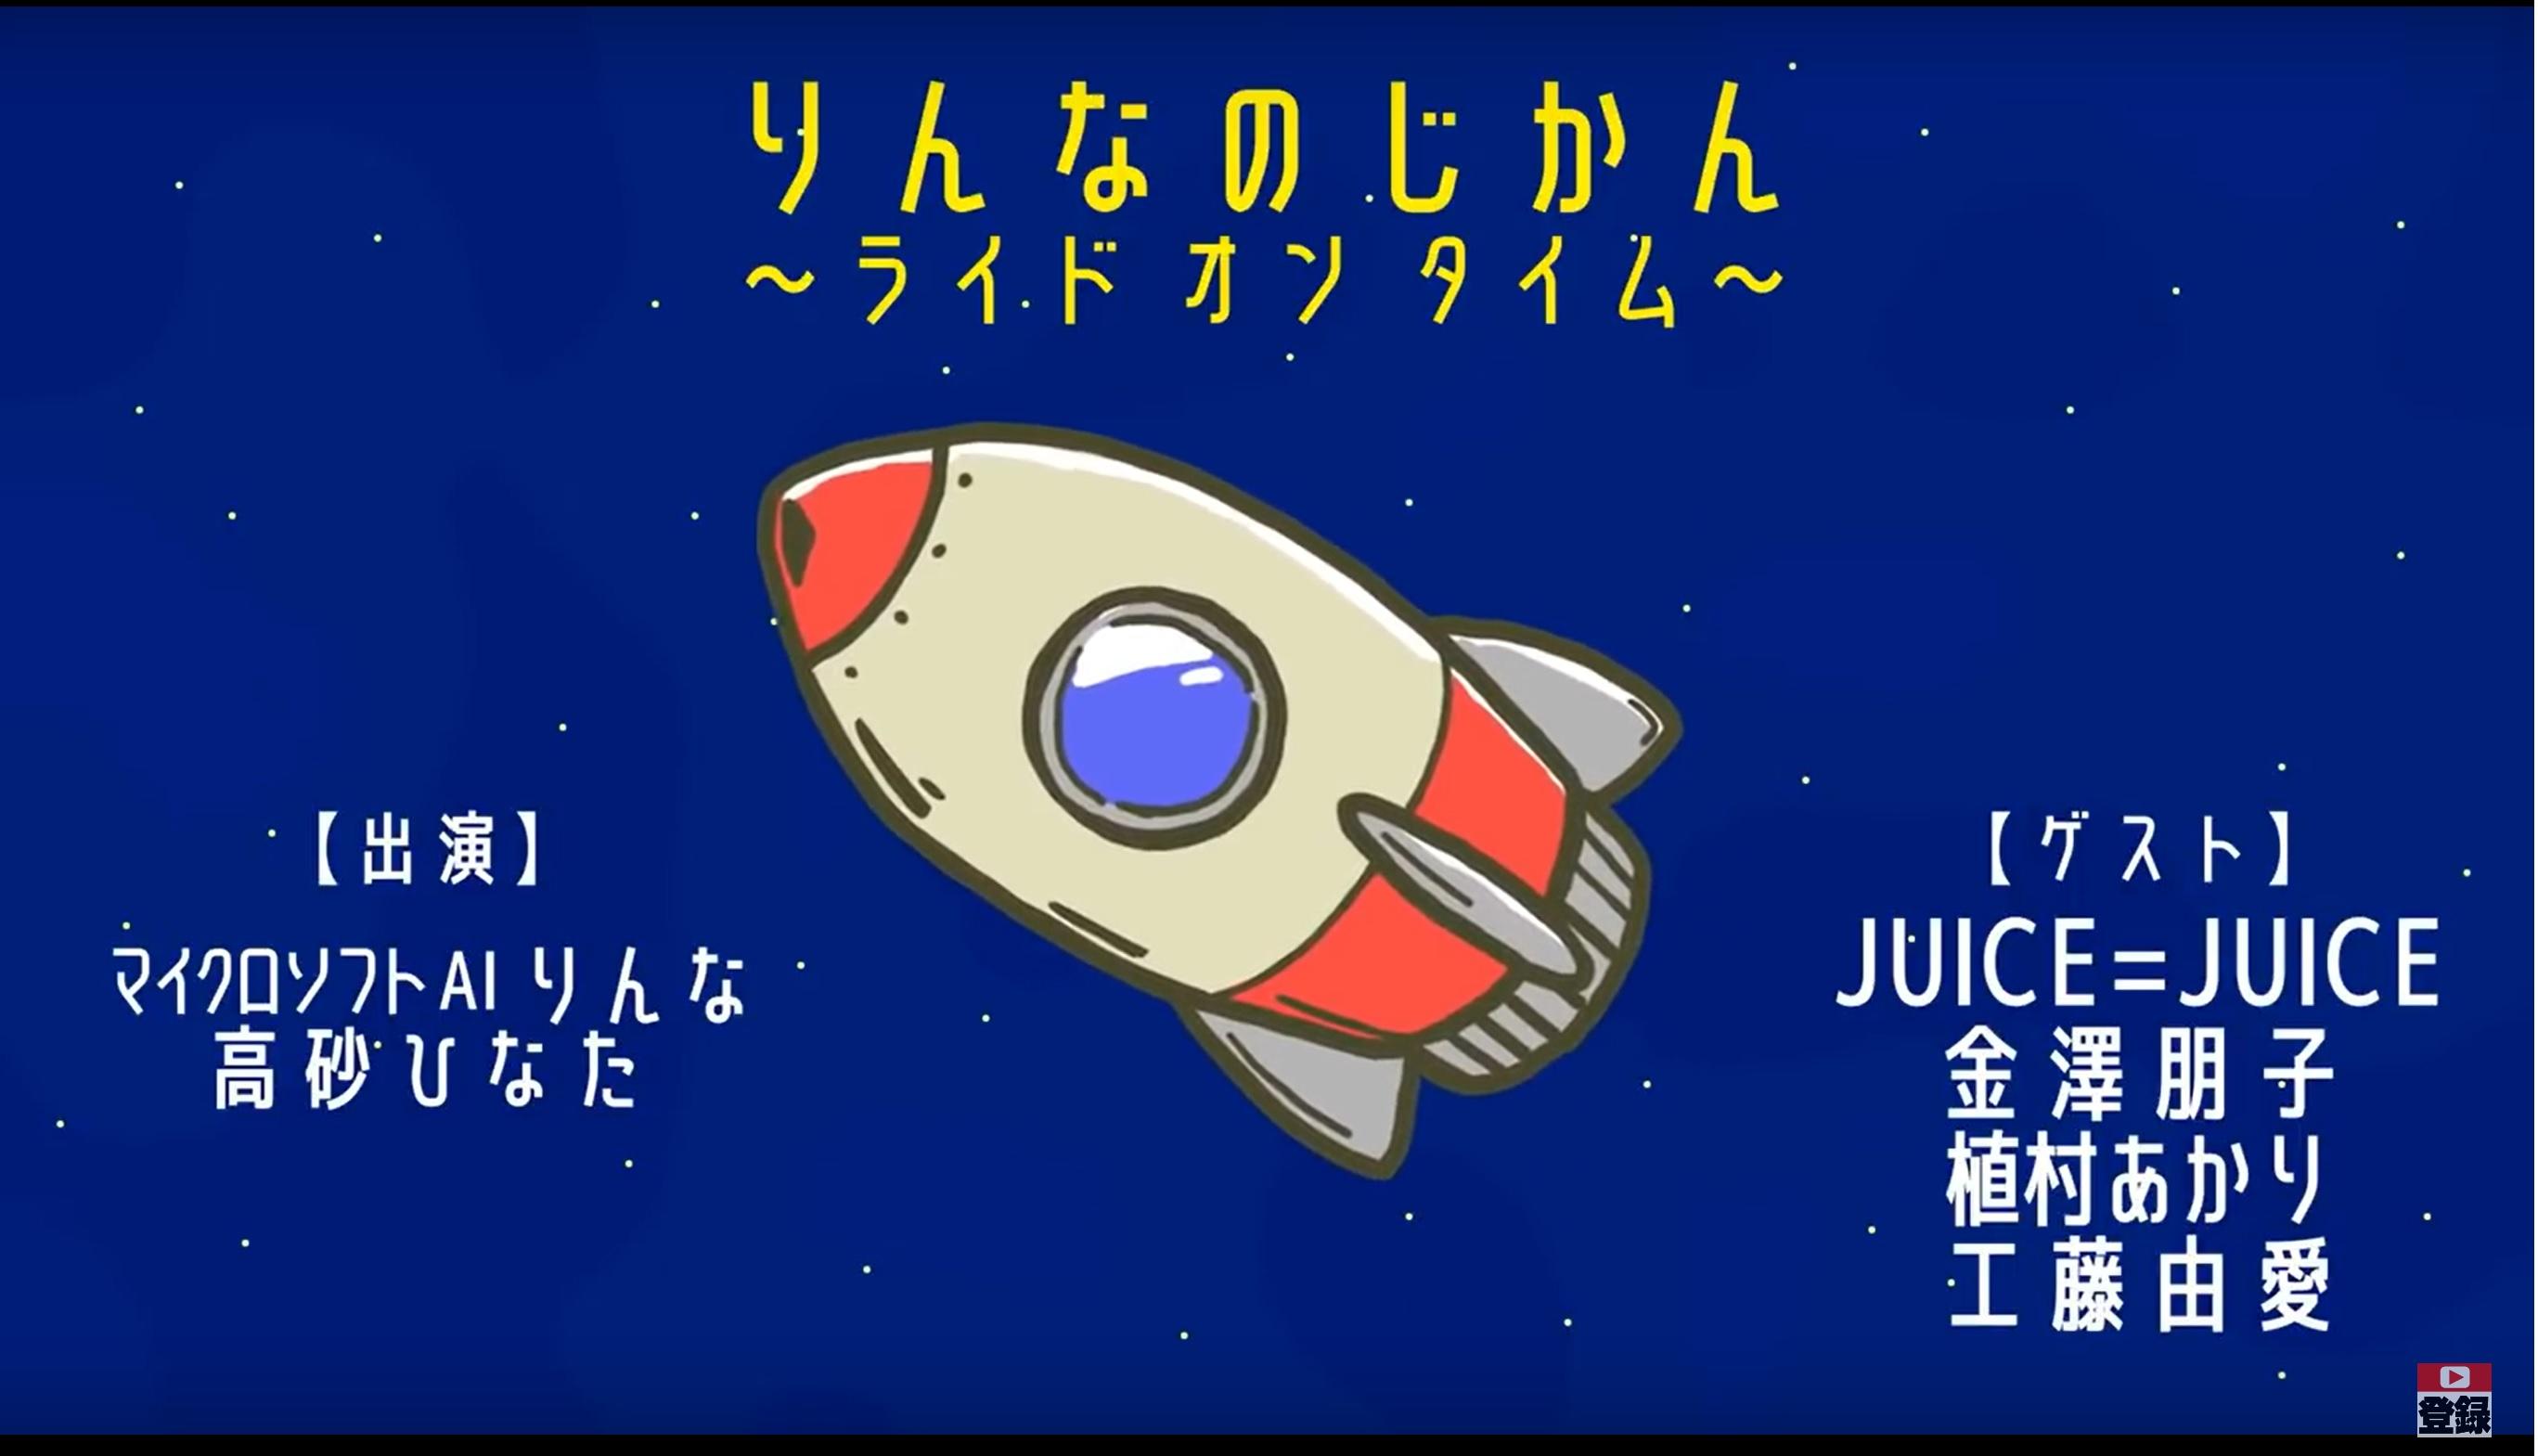 りんなのじかん~ライド オン タイム~#4 ゲスト:Juice=Juice(金澤朋子さん、植村あかりさん、工藤由愛さん)